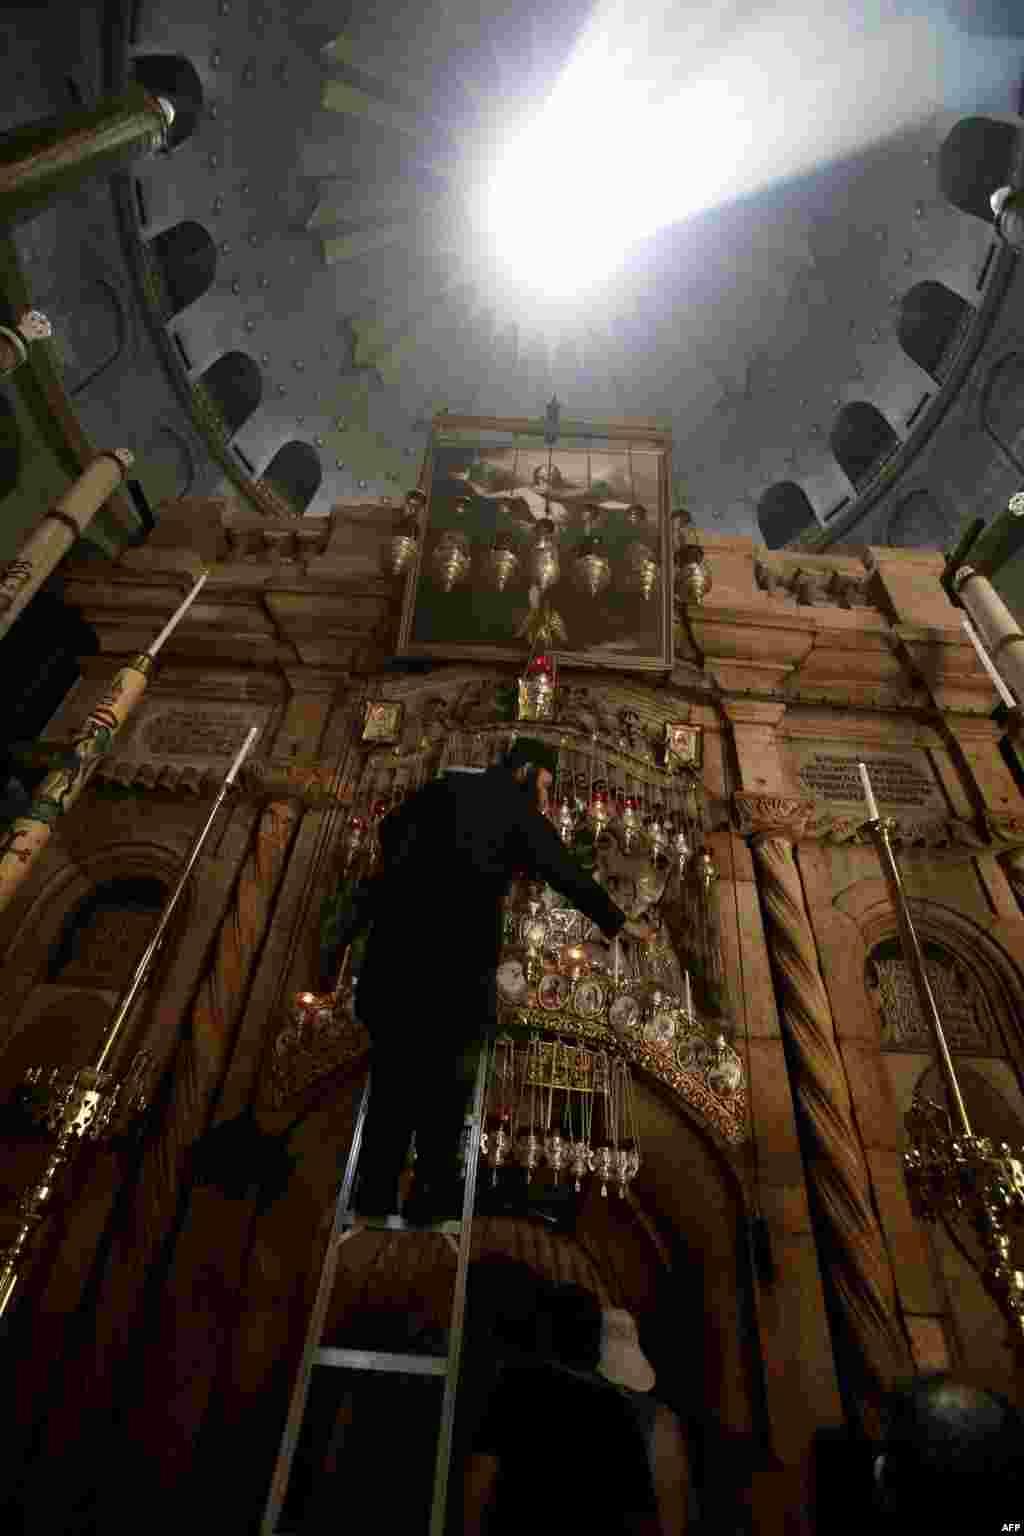 가톨릭 프란치스코 교황이 예루살렘 구시가지를 방문할 예정인 가운데, 예수 그리스도의 무덤 장소에 세워진 교회에서 그리스정교회 사제가 등에 불을 붙이고 있다.